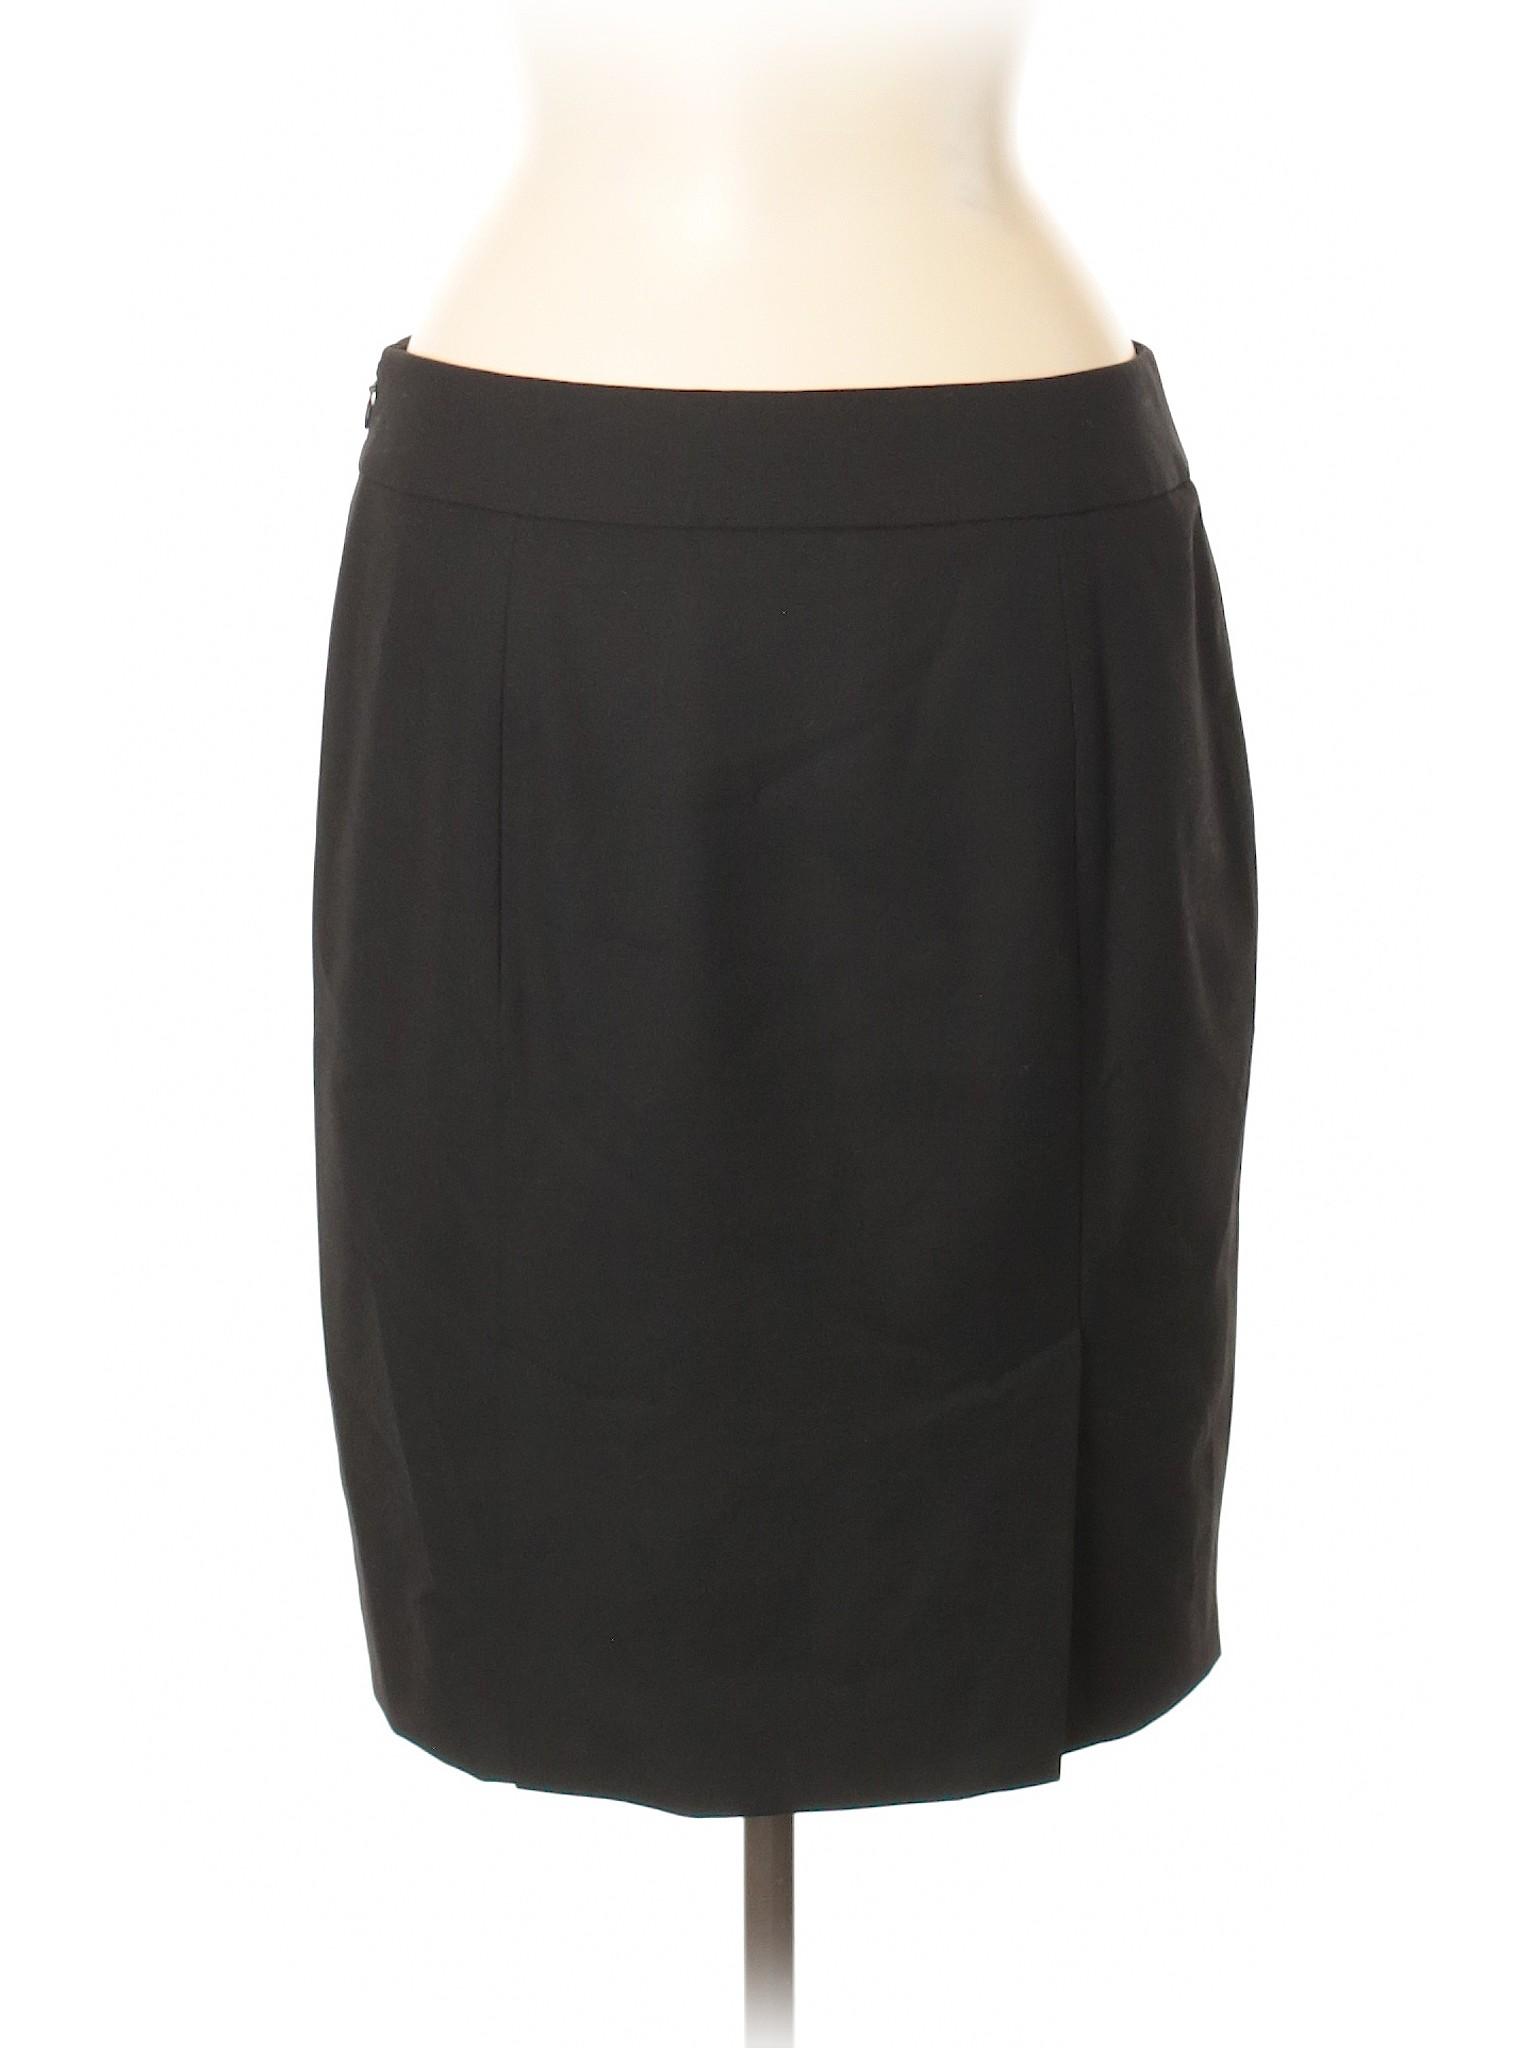 Leisure Taylor LOFT Casual winter Skirt Ann rFqwr0E